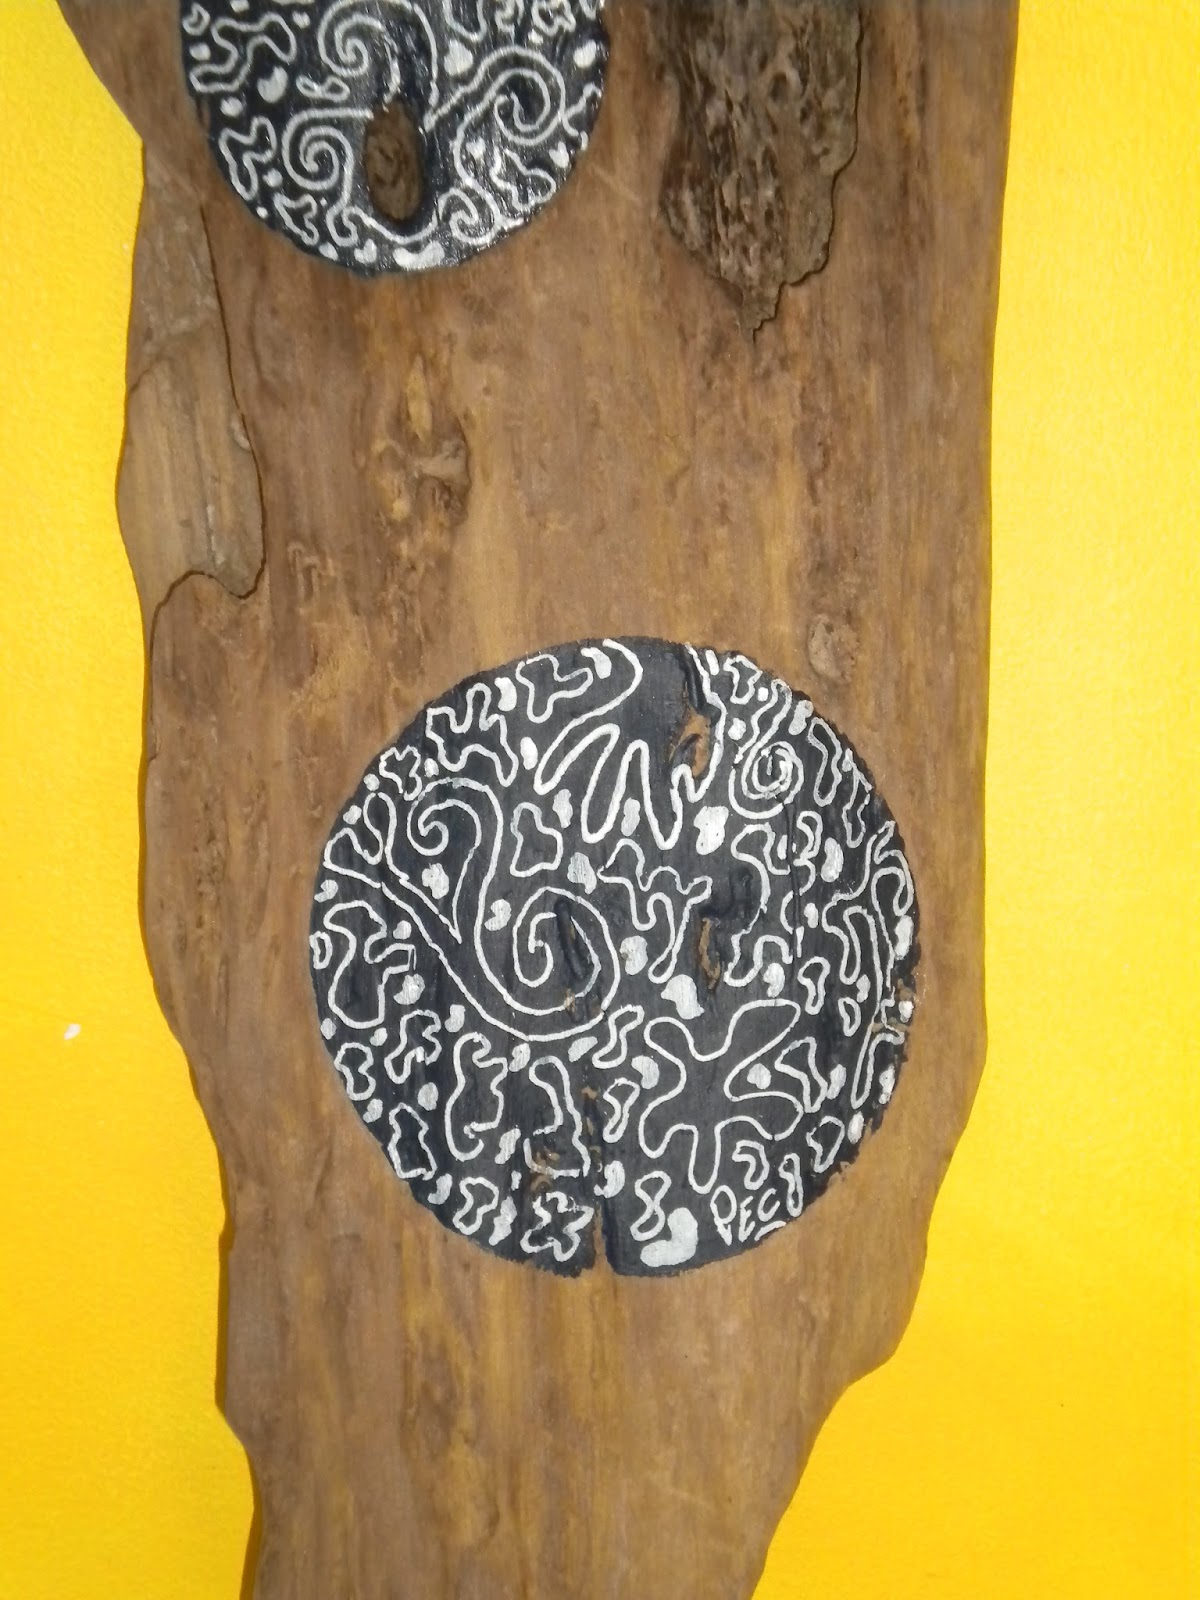 Latelierdepec juillet 2013 for Peinture sur bois flotte